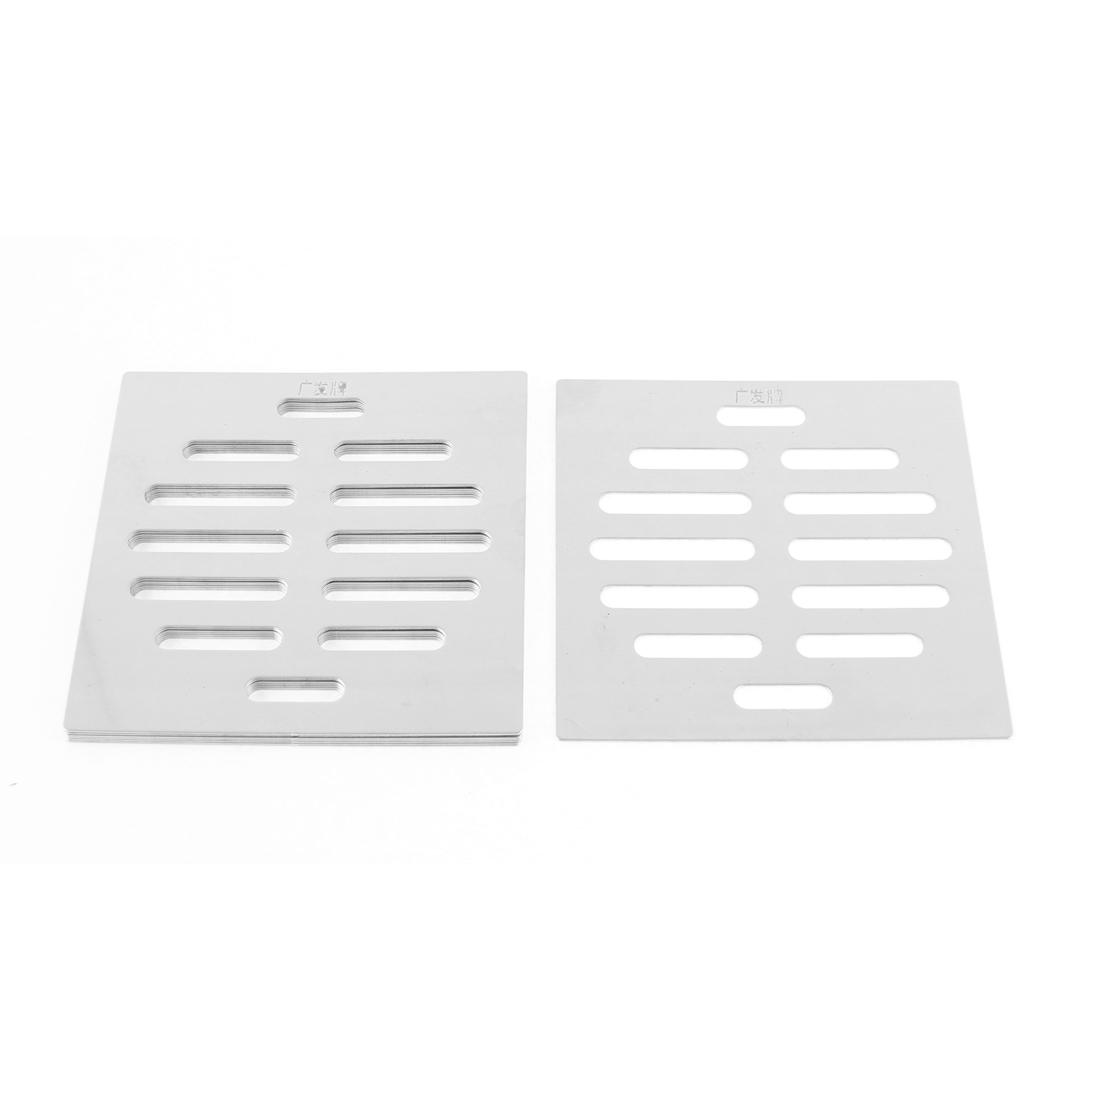 Kitchen Bathroom Square Floor Drain Drainer Cover 10cm x 10cm 8Pcs